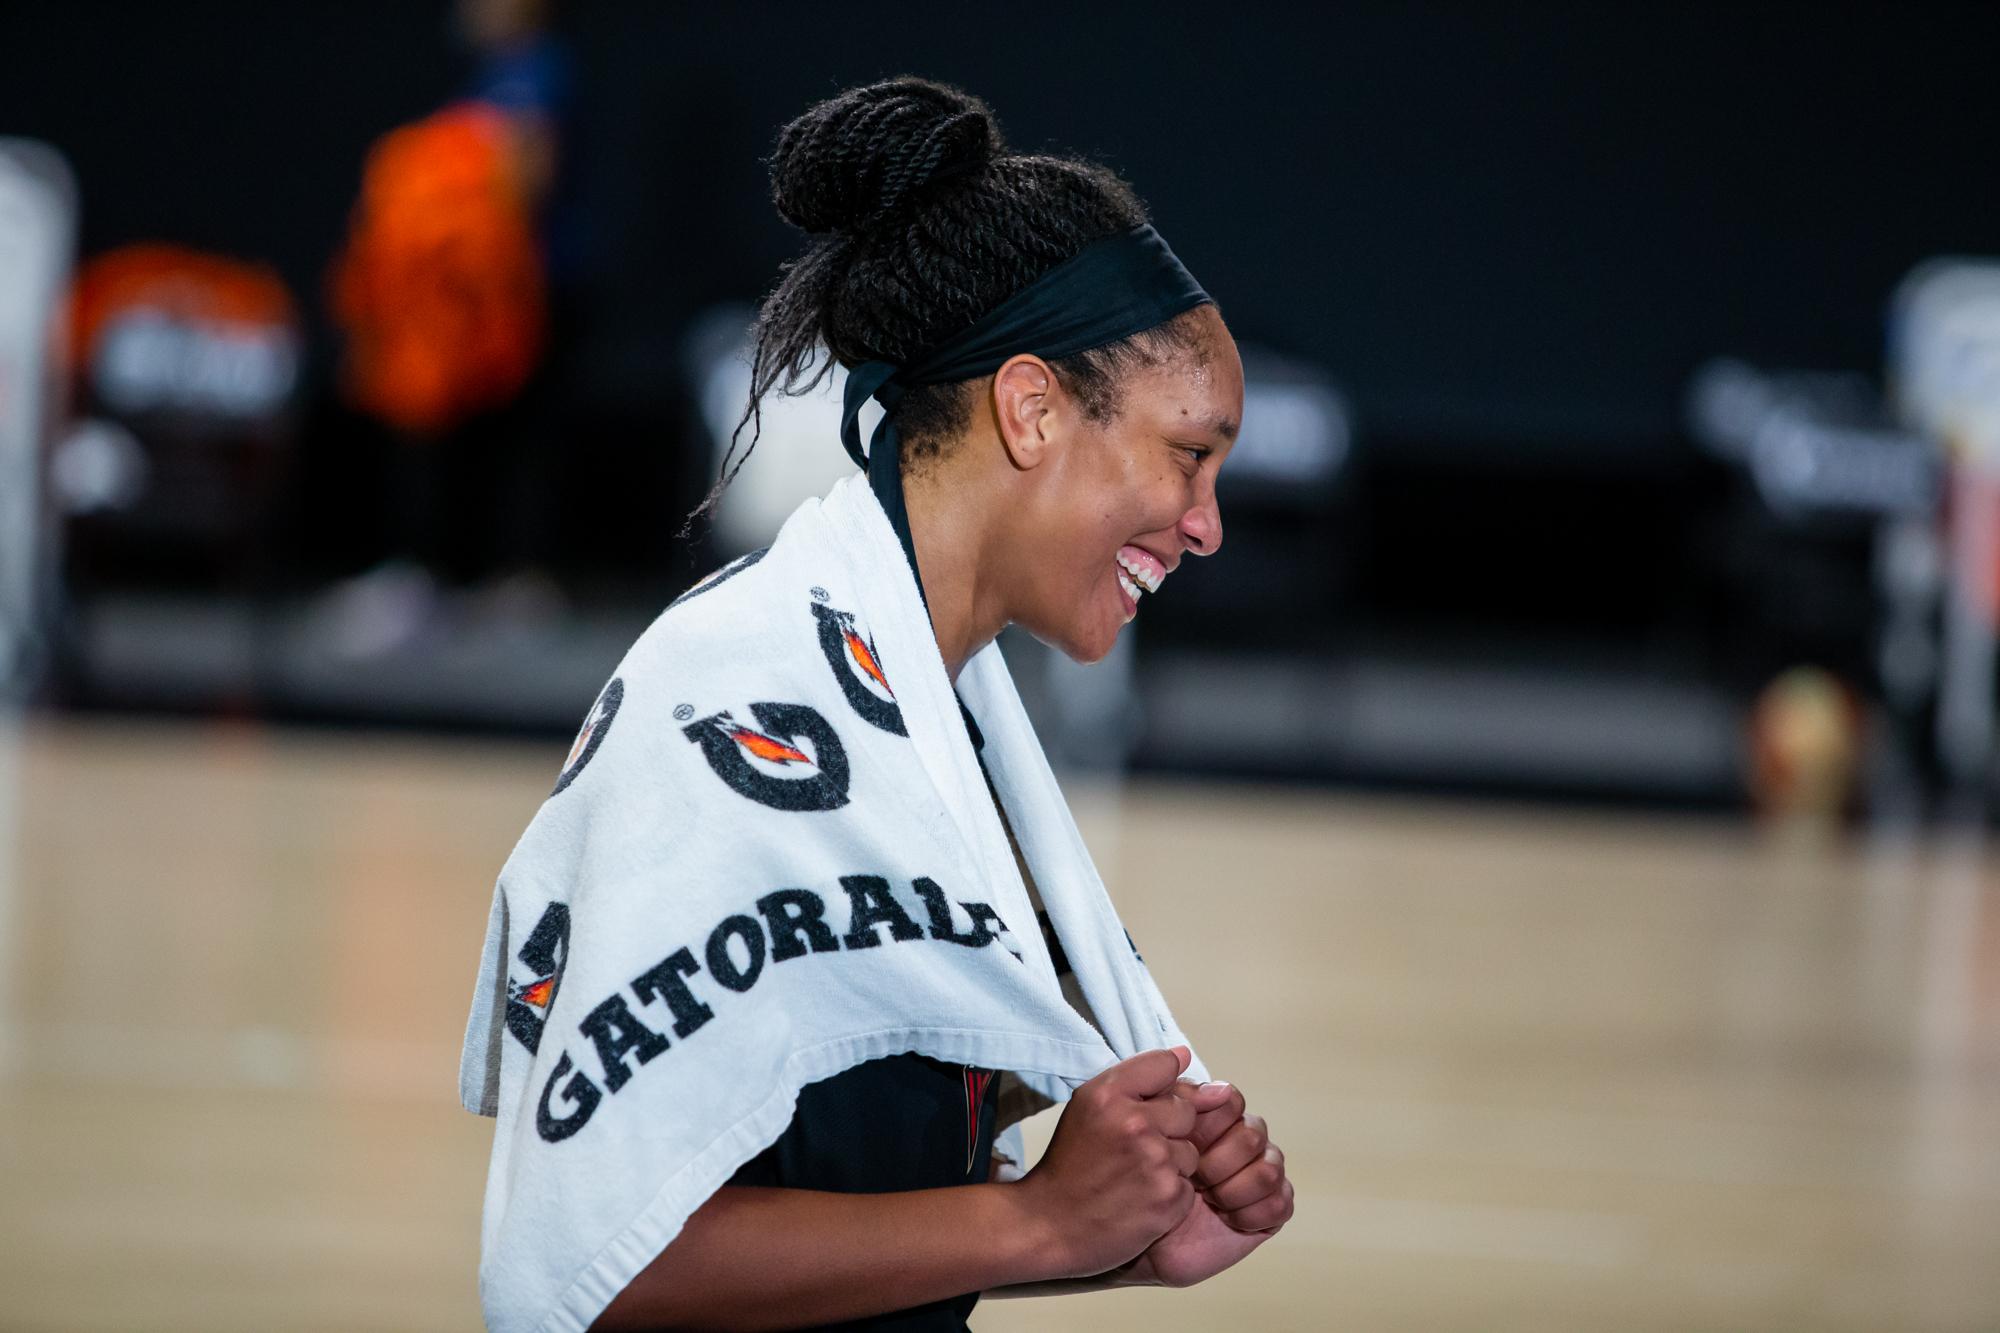 在IMG学院举行的WNBA半决赛第五场比赛中,拉斯维加斯王牌中锋A 'ja Wilson击败康涅狄格州太阳队后开怀大笑。